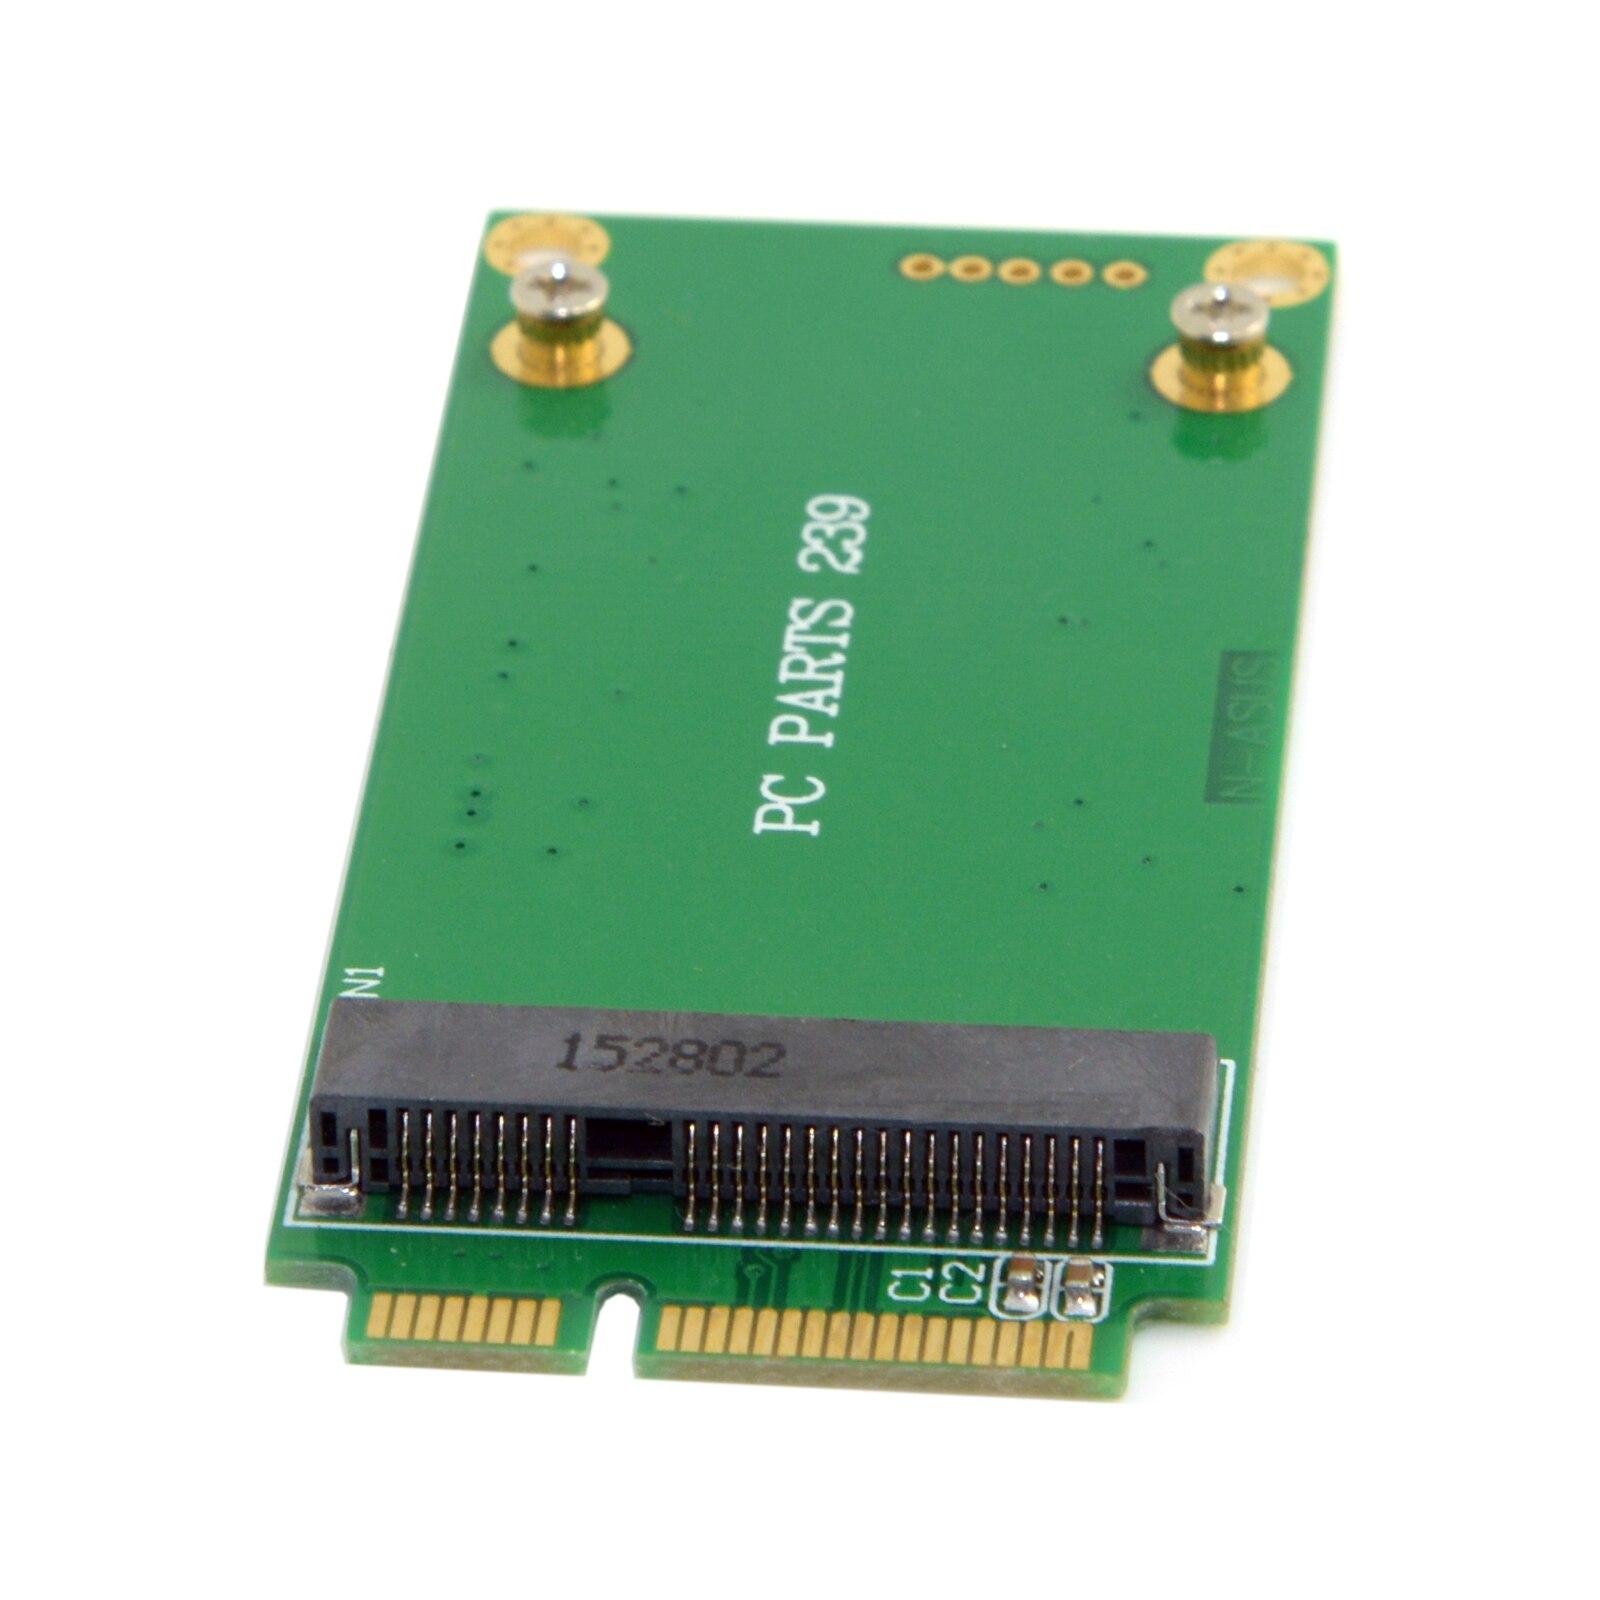 3x5cm mSATA Adapter to 3x7cm Mini PCI e SATA SSD for Asus Eee PC 1000 S101 900 901 900A T91| |   - AliExpress